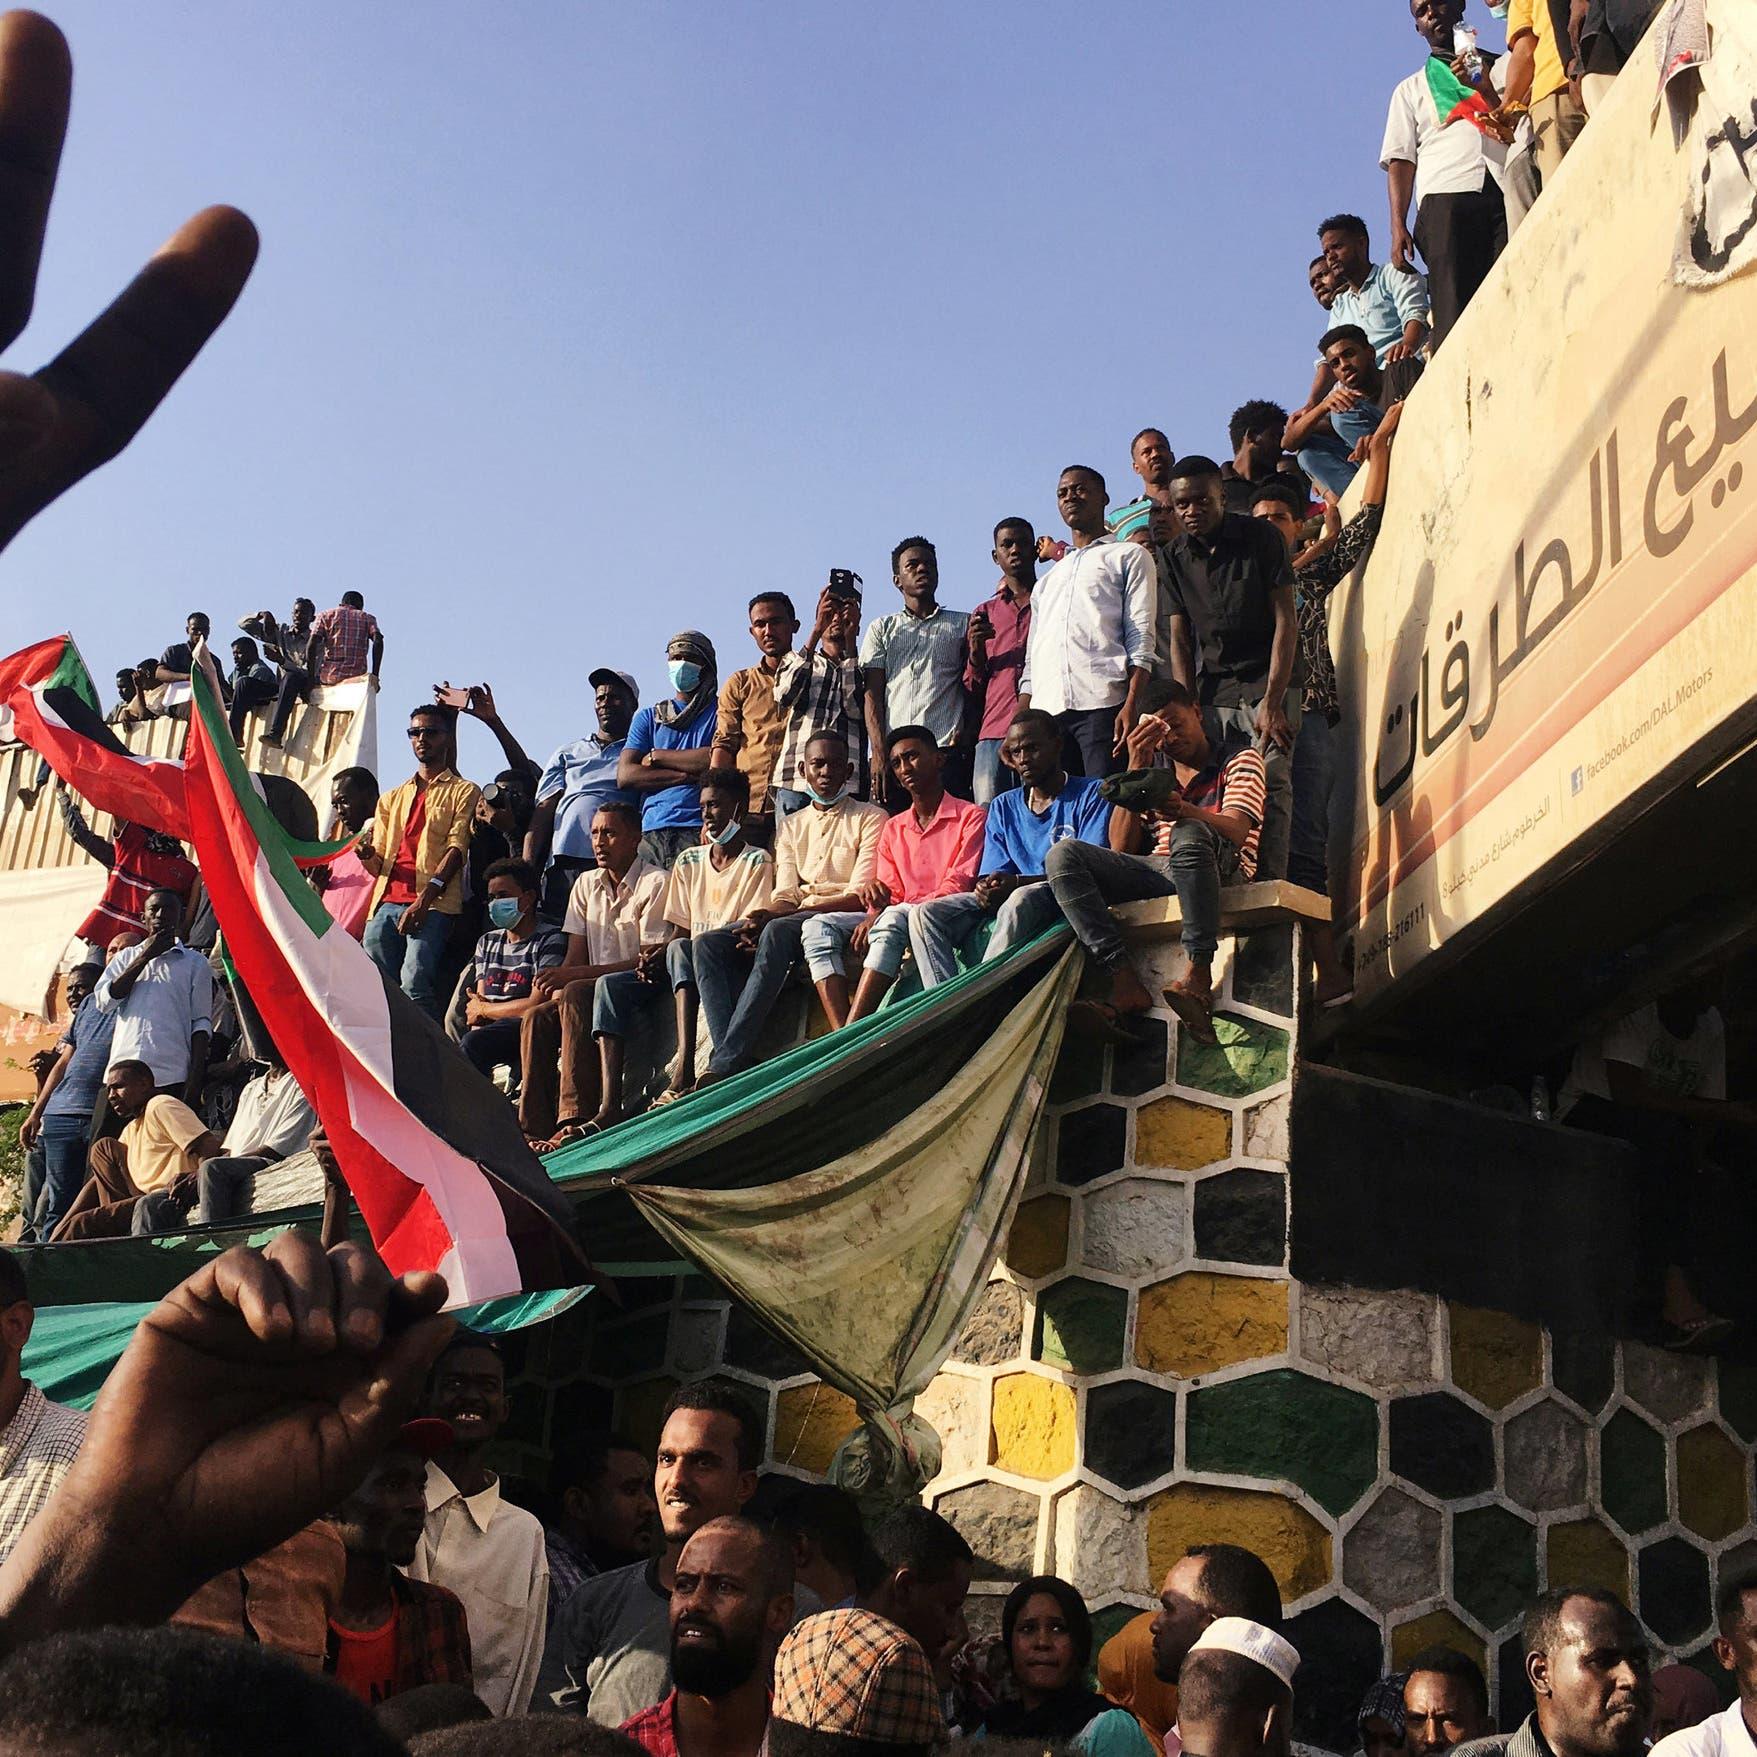 الجيش السوداني للحدث: التعليمات صدرت بفض الاعتصامات